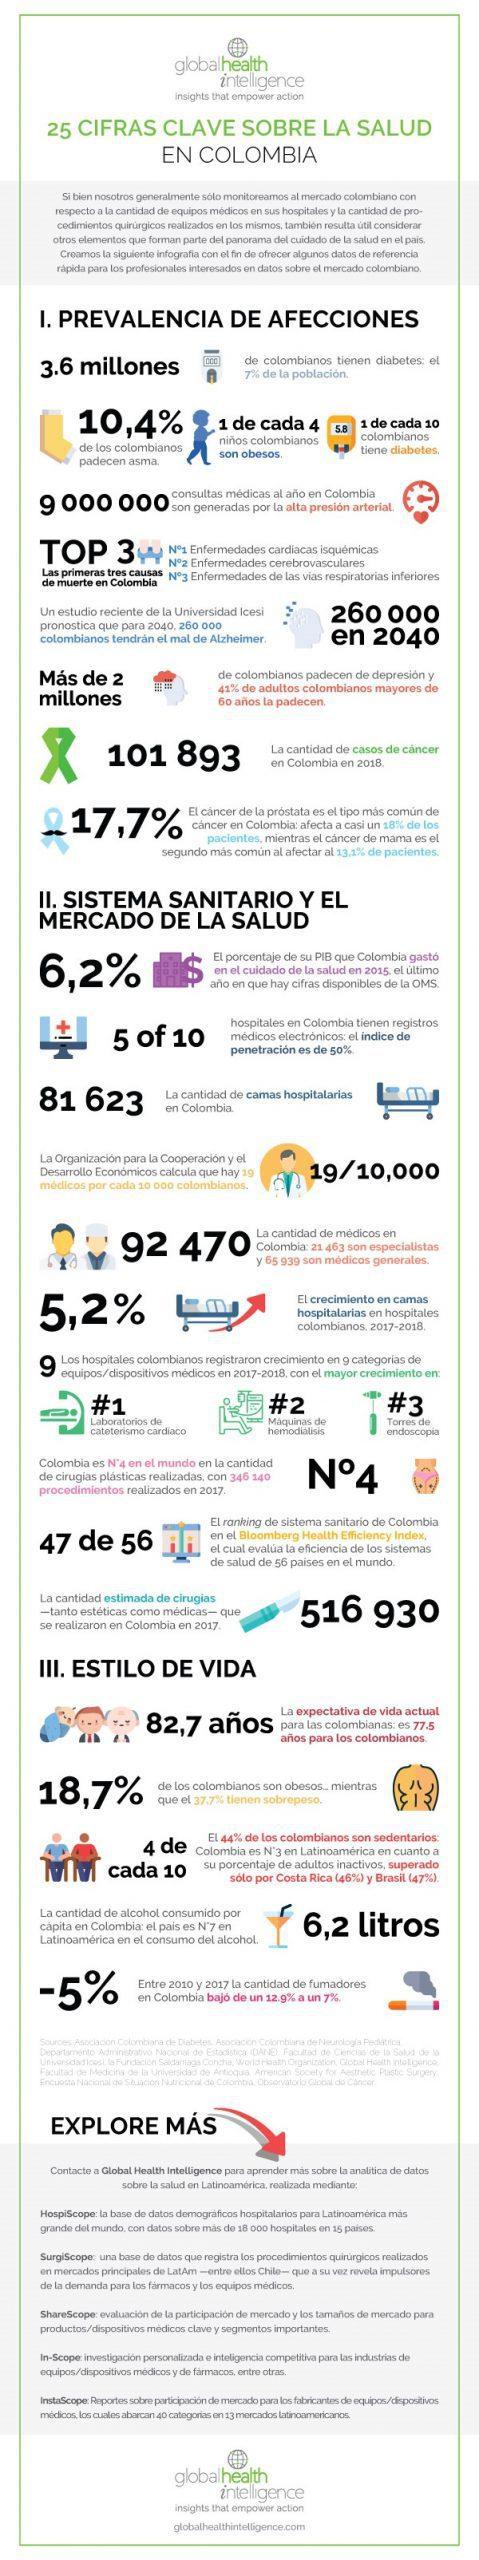 25 cifras clave sobre la salud en Colombia - Infografía